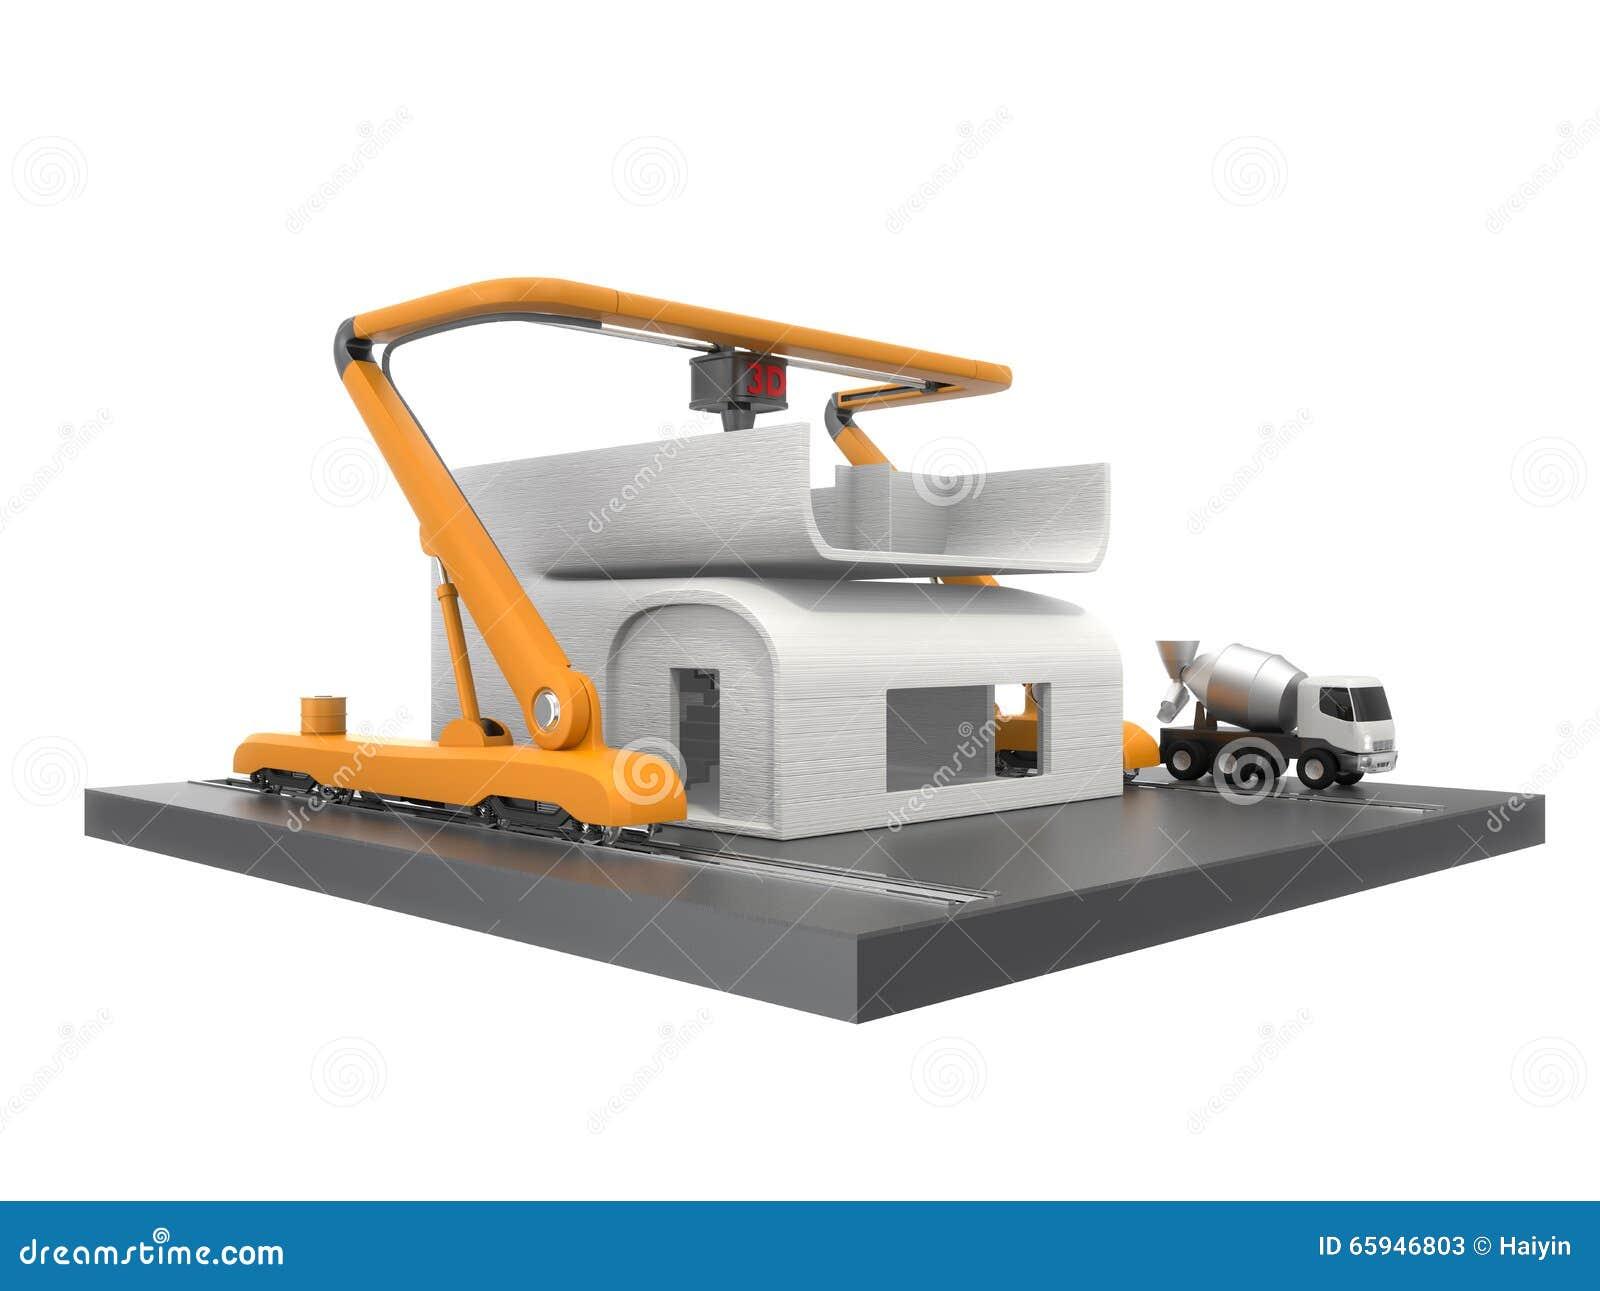 industrial 3d printer printing house model stock illustration image 65946803. Black Bedroom Furniture Sets. Home Design Ideas